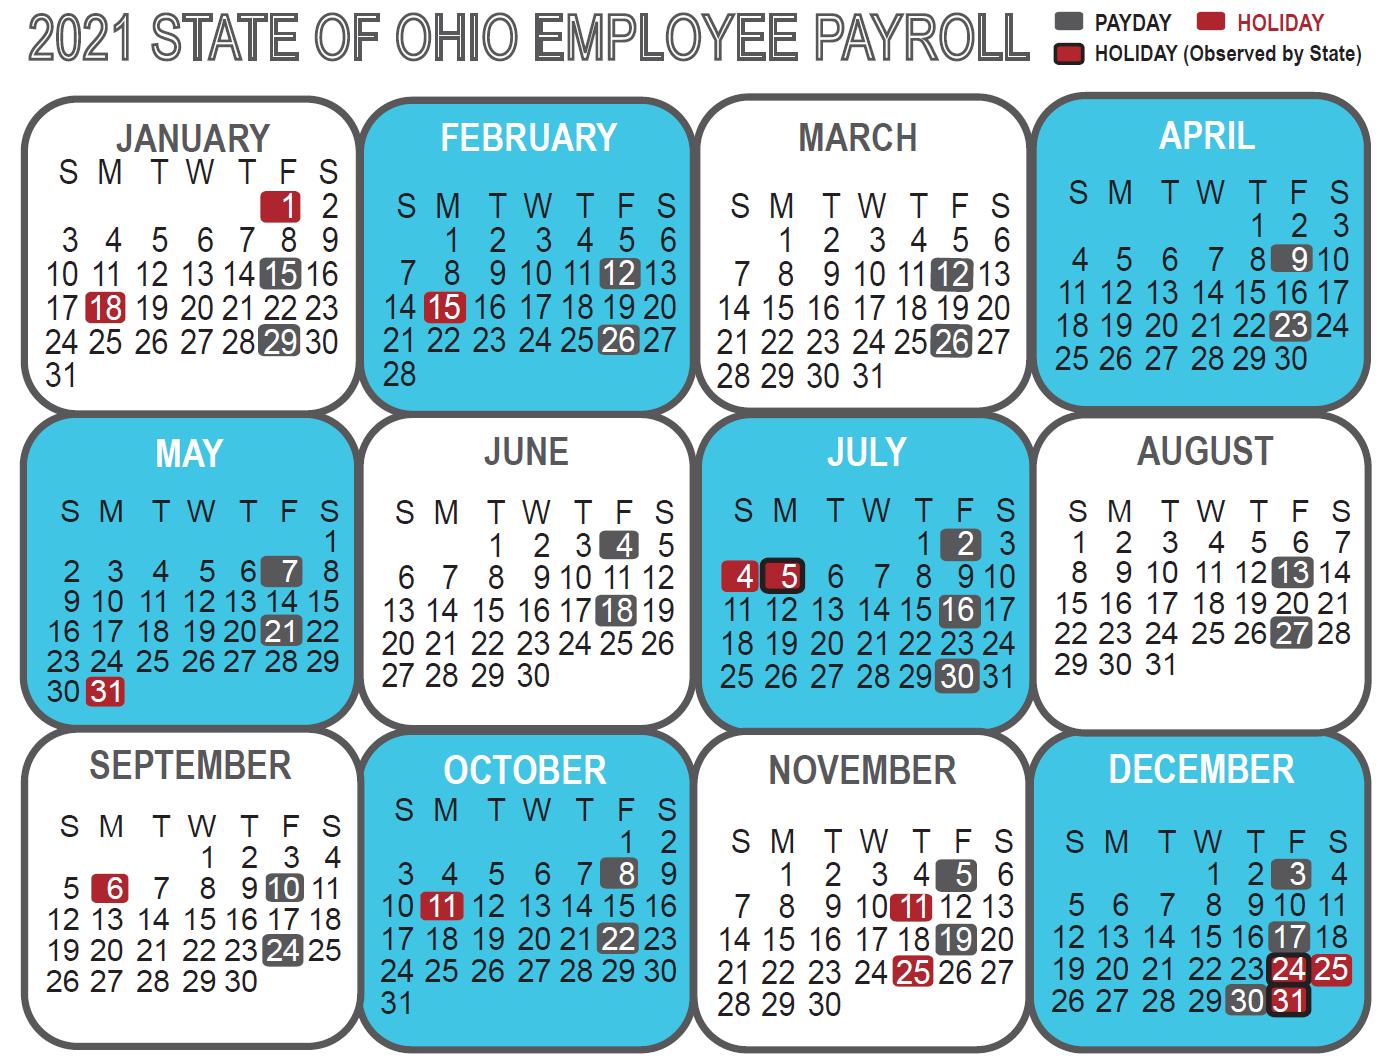 Ohio State Calendar 2021 Ohio State Payroll Calendar 2021 | Payroll Calendar